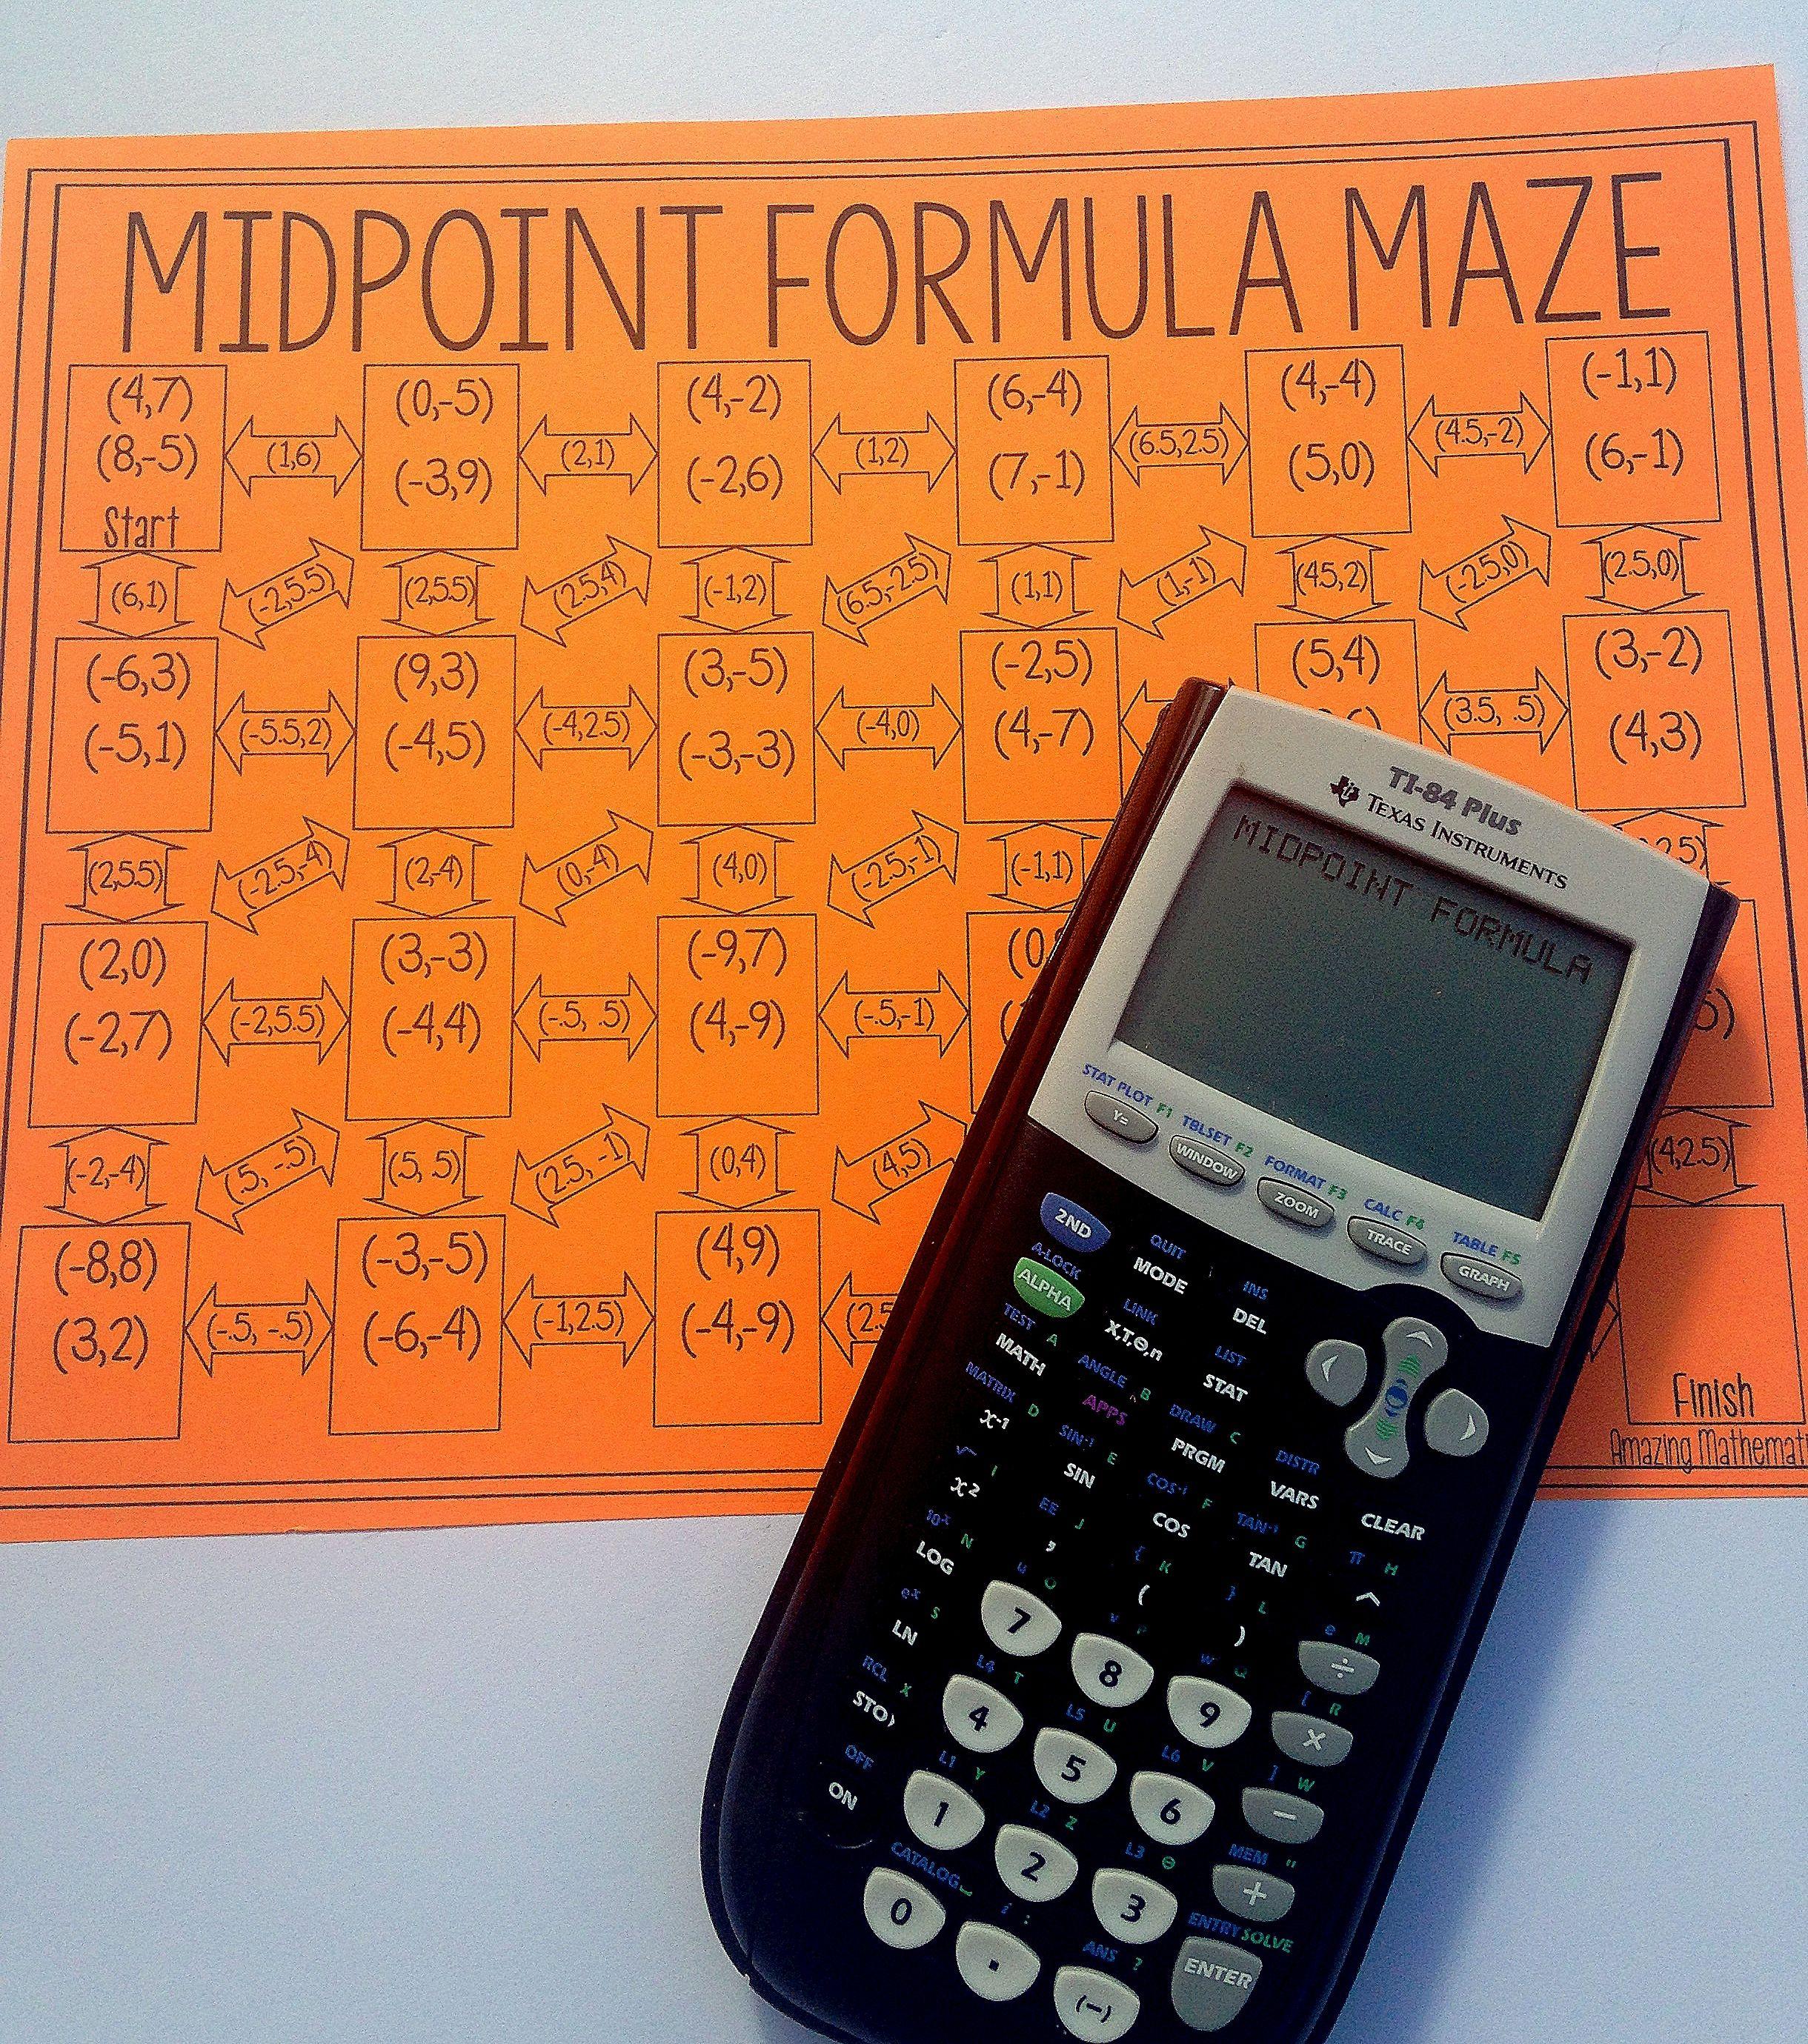 Midpoint Formula Maze